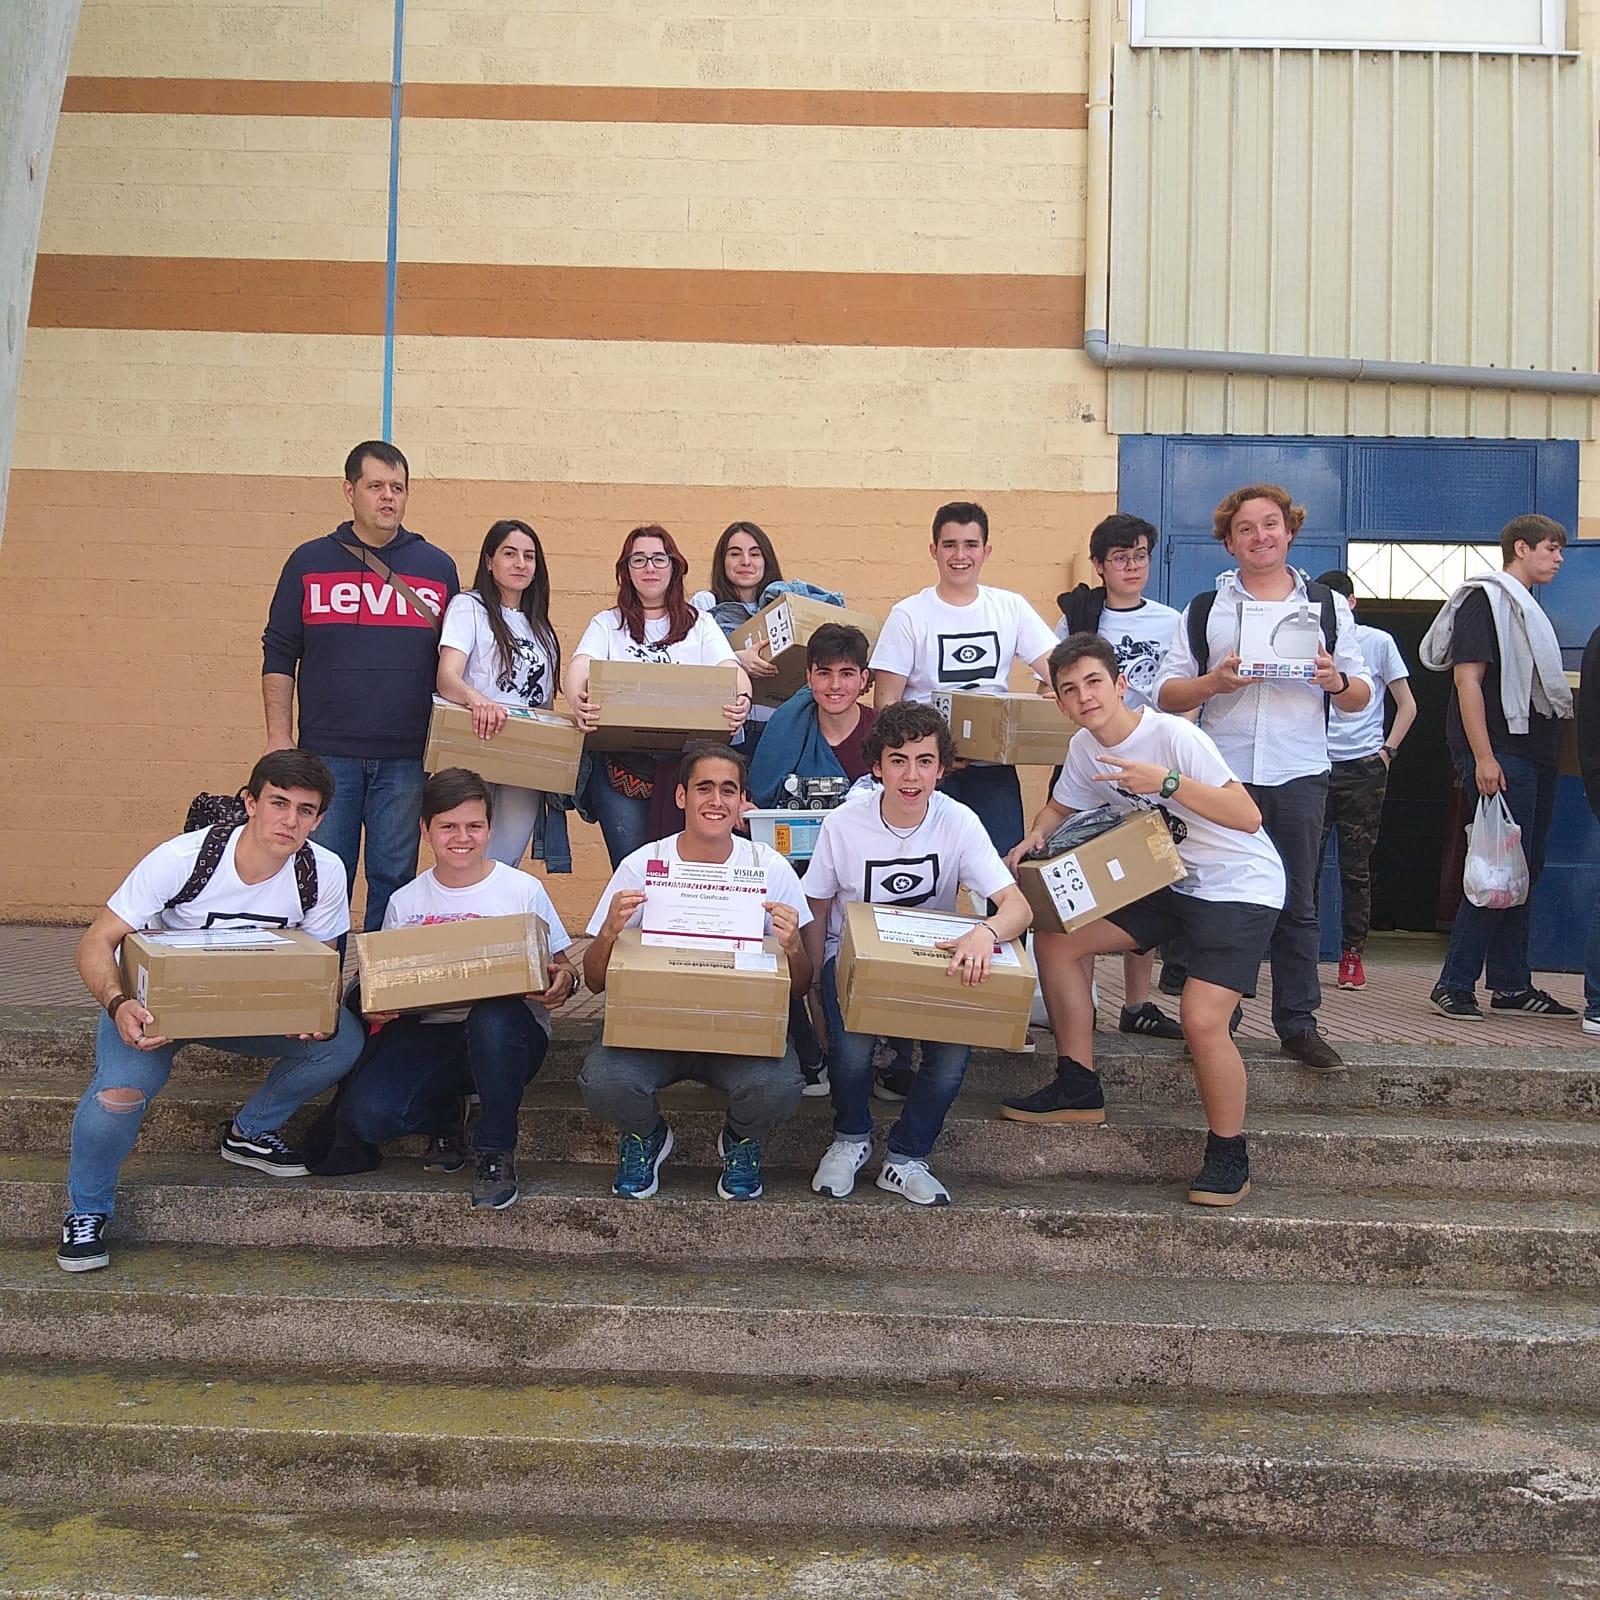 alumnos del Herm%C3%B3genes en el Concurso de rob%C3%B3tica UCLM4 - El Hermógenes triunfa en la competición de robótica para alumnos de secundaria de la UCLM